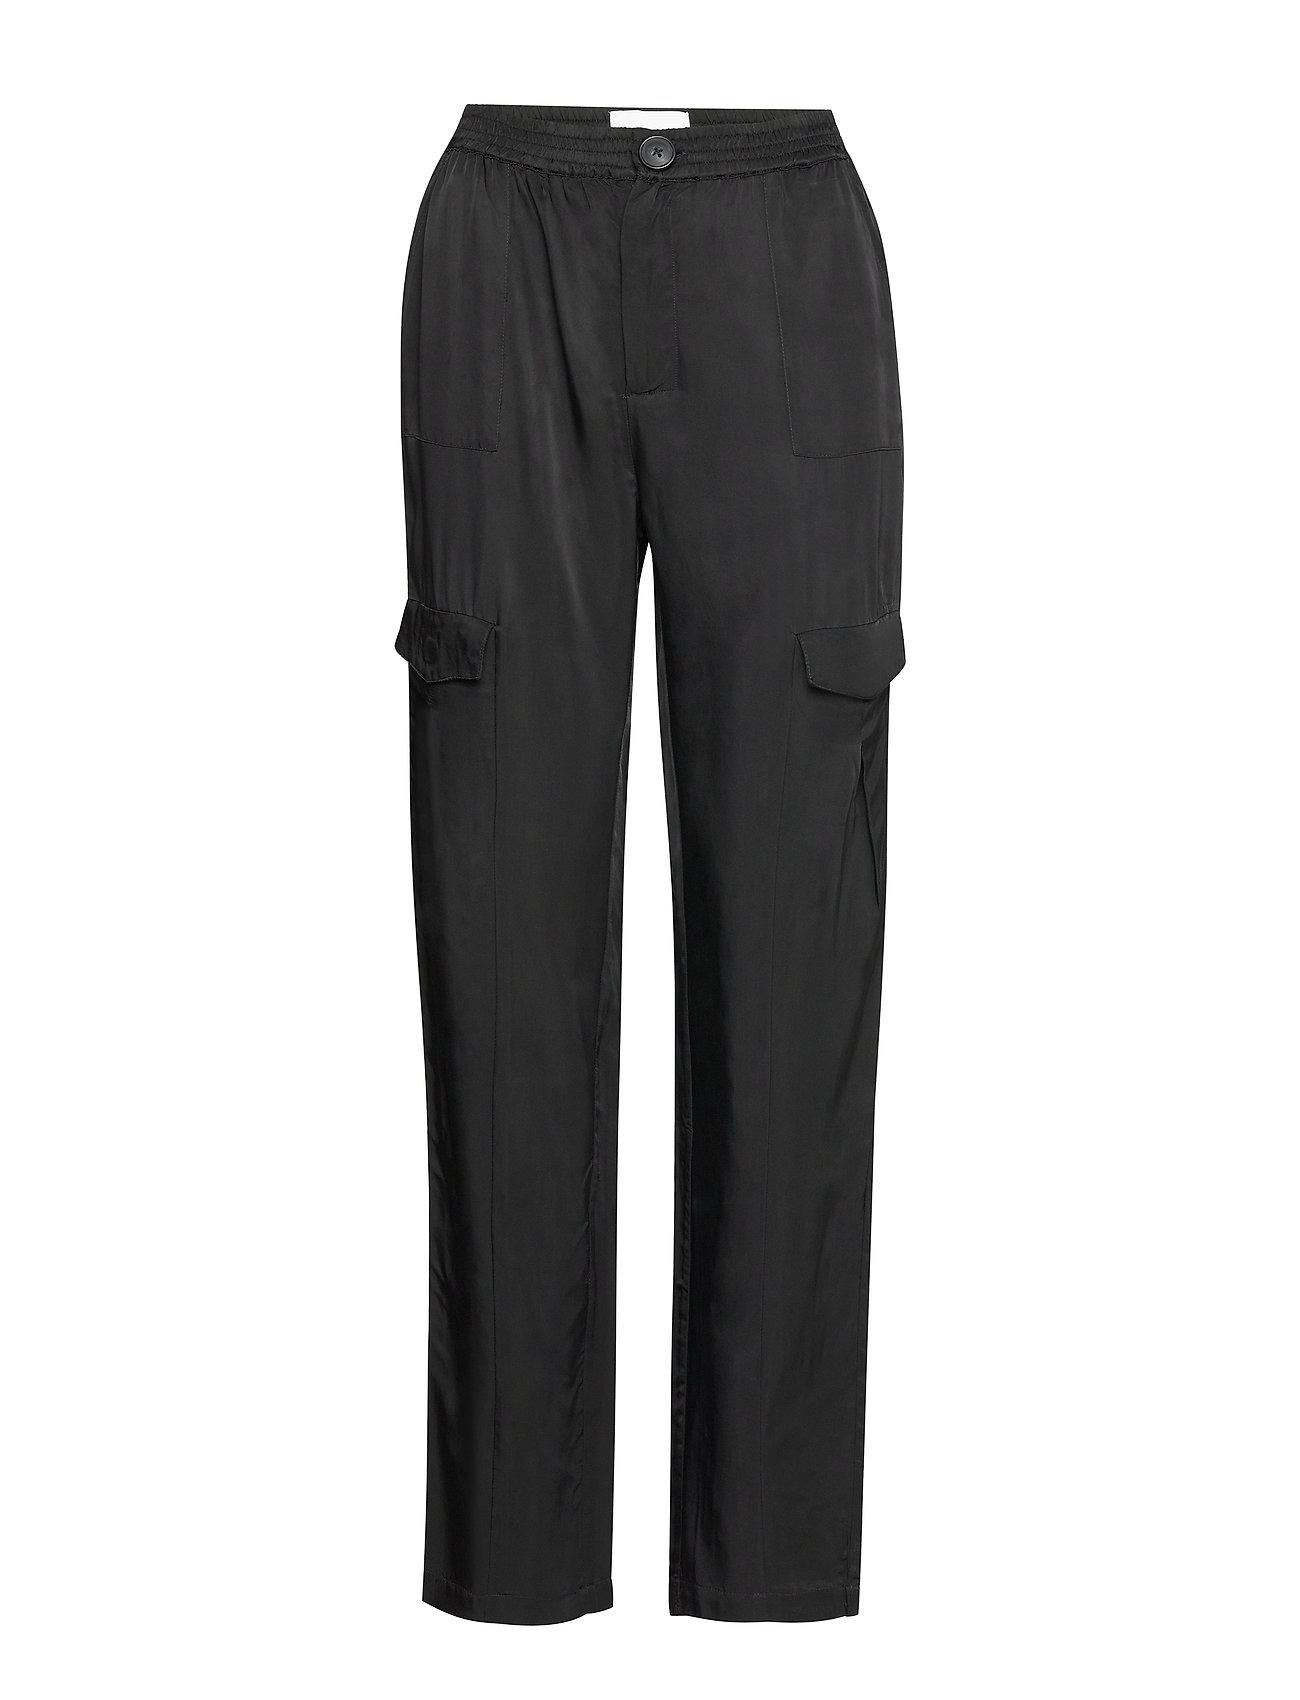 Image of Ombo Trousers Bukser Med Lige Ben Sort HOLZWEILER (3304138191)